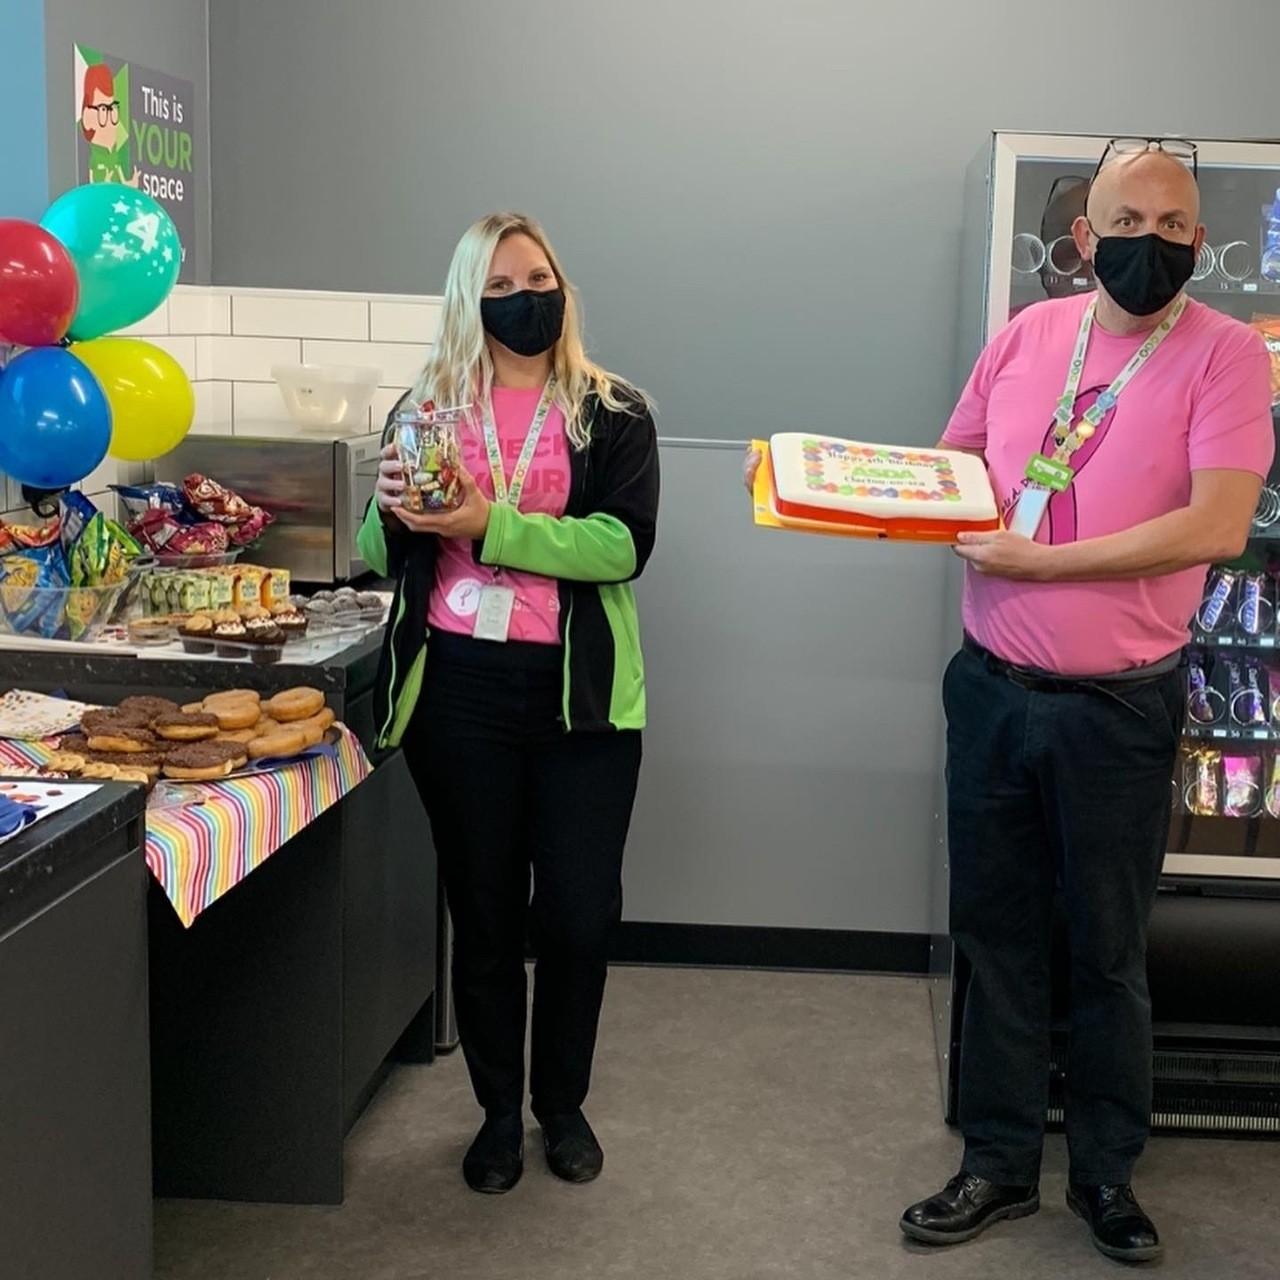 Birthday celebrations | Asda Clacton-on-Sea